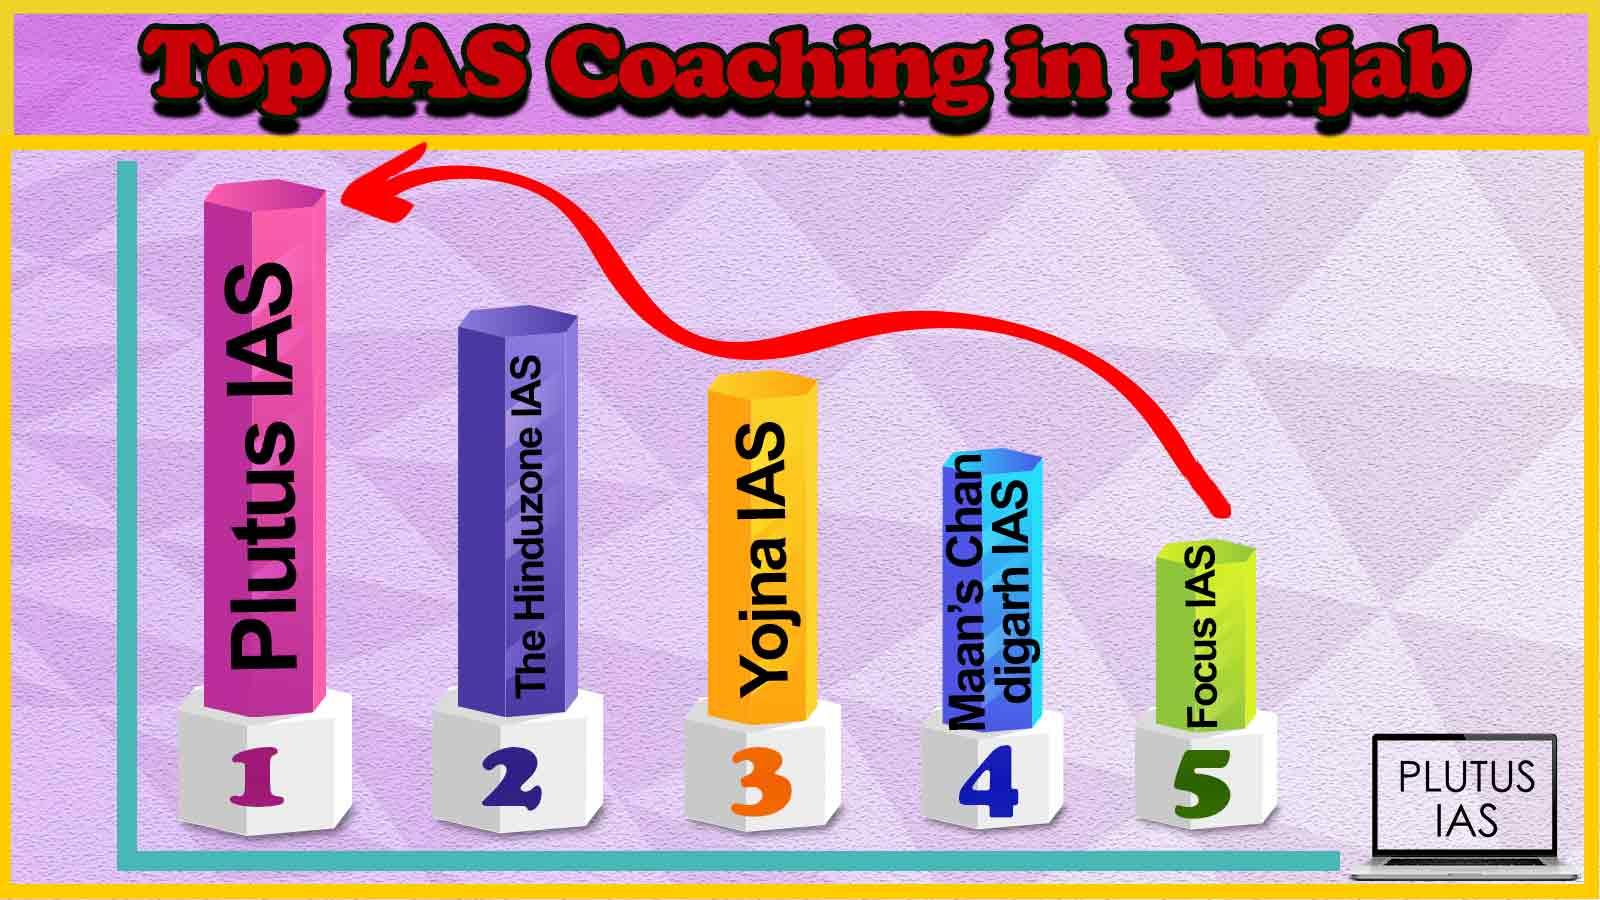 Best 10 IAS Coaching in Punjab